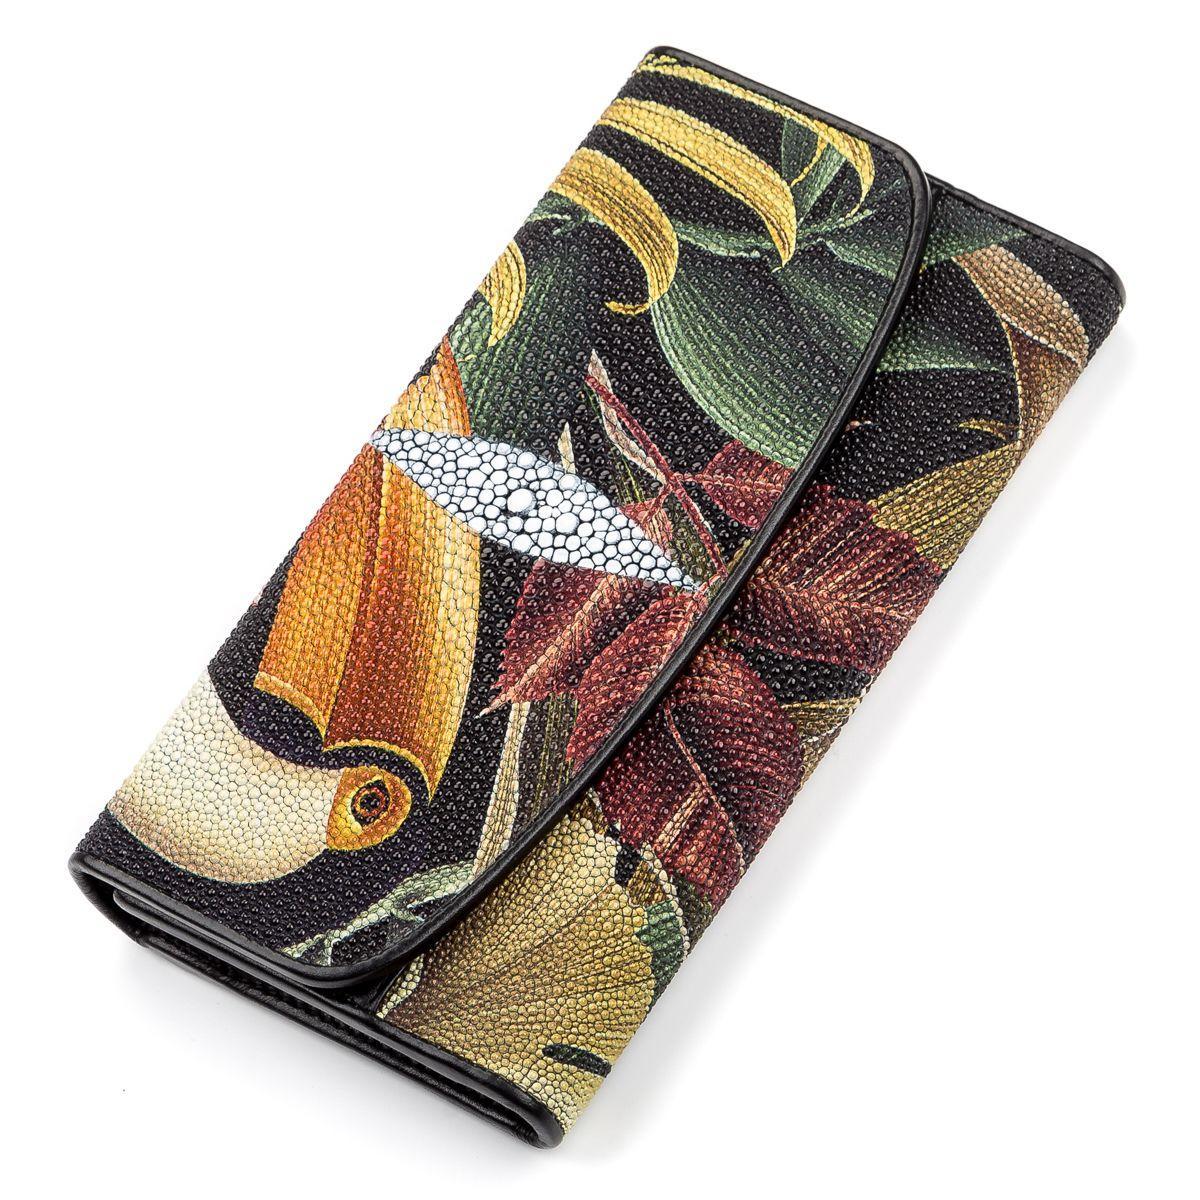 Кошелек женский STINGRAY LEATHER 18108 из натуральной кожи морского ската Разноцветный